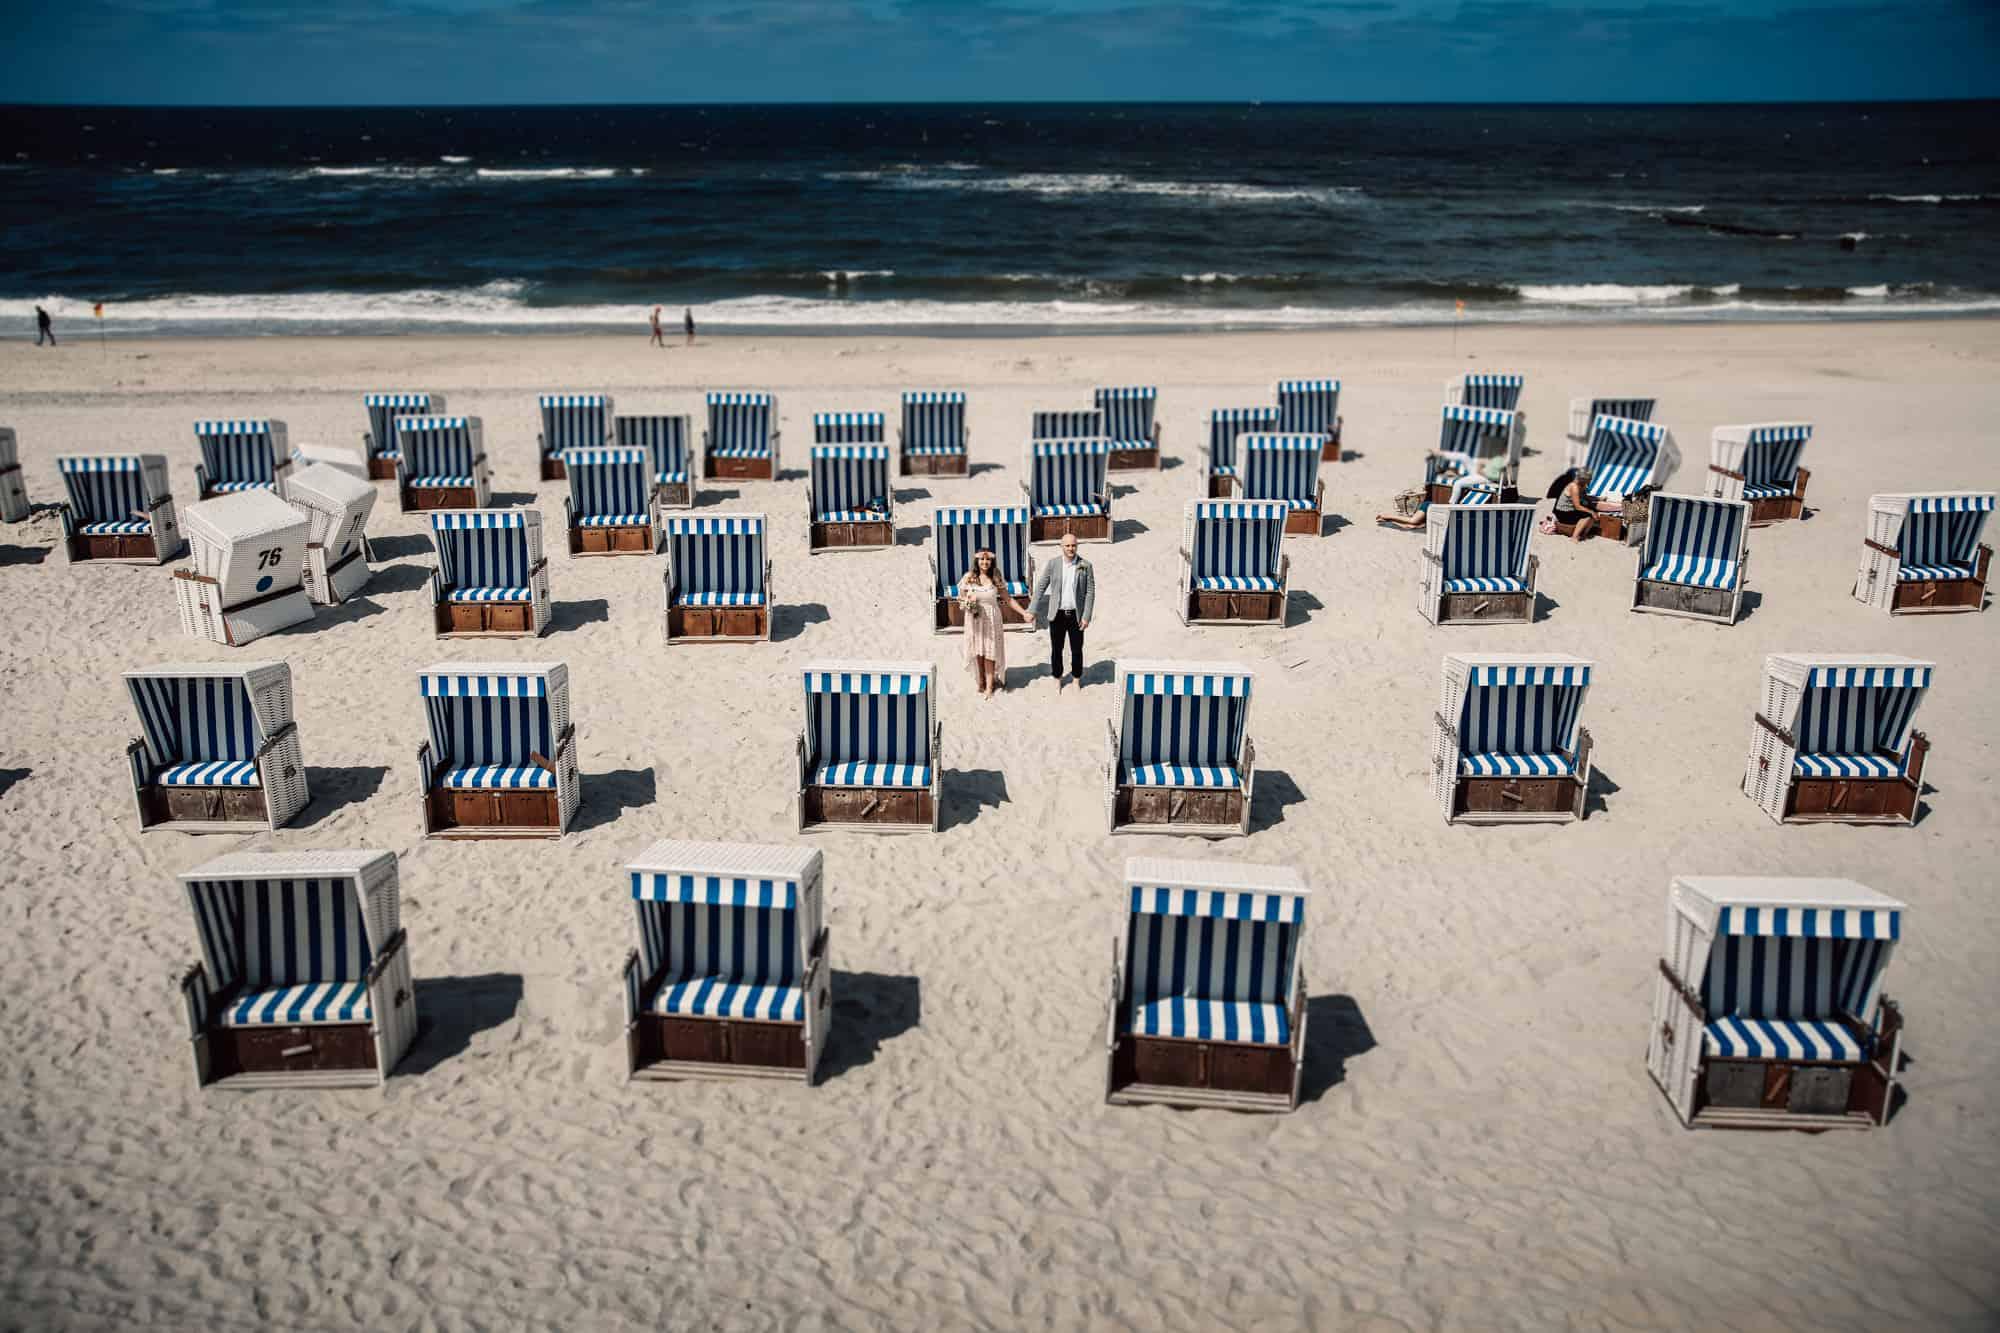 Sylt Fotograf Nordsee Landschaft Hochzeit Meer Fotografie Strand Heiraten